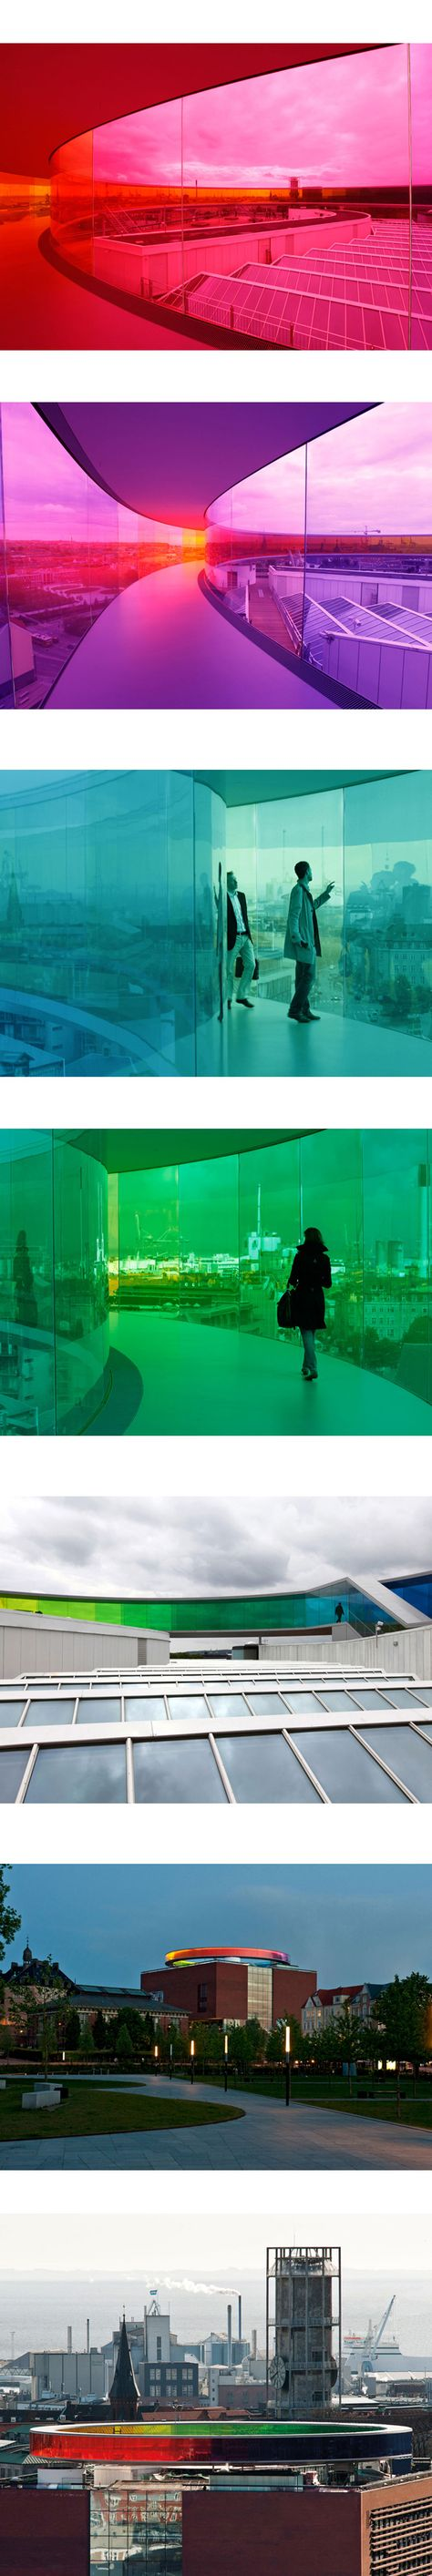 L'artiste dano-islandais Olafur Eliasson a créé une passerelle arc en ciel au Kunst Museum